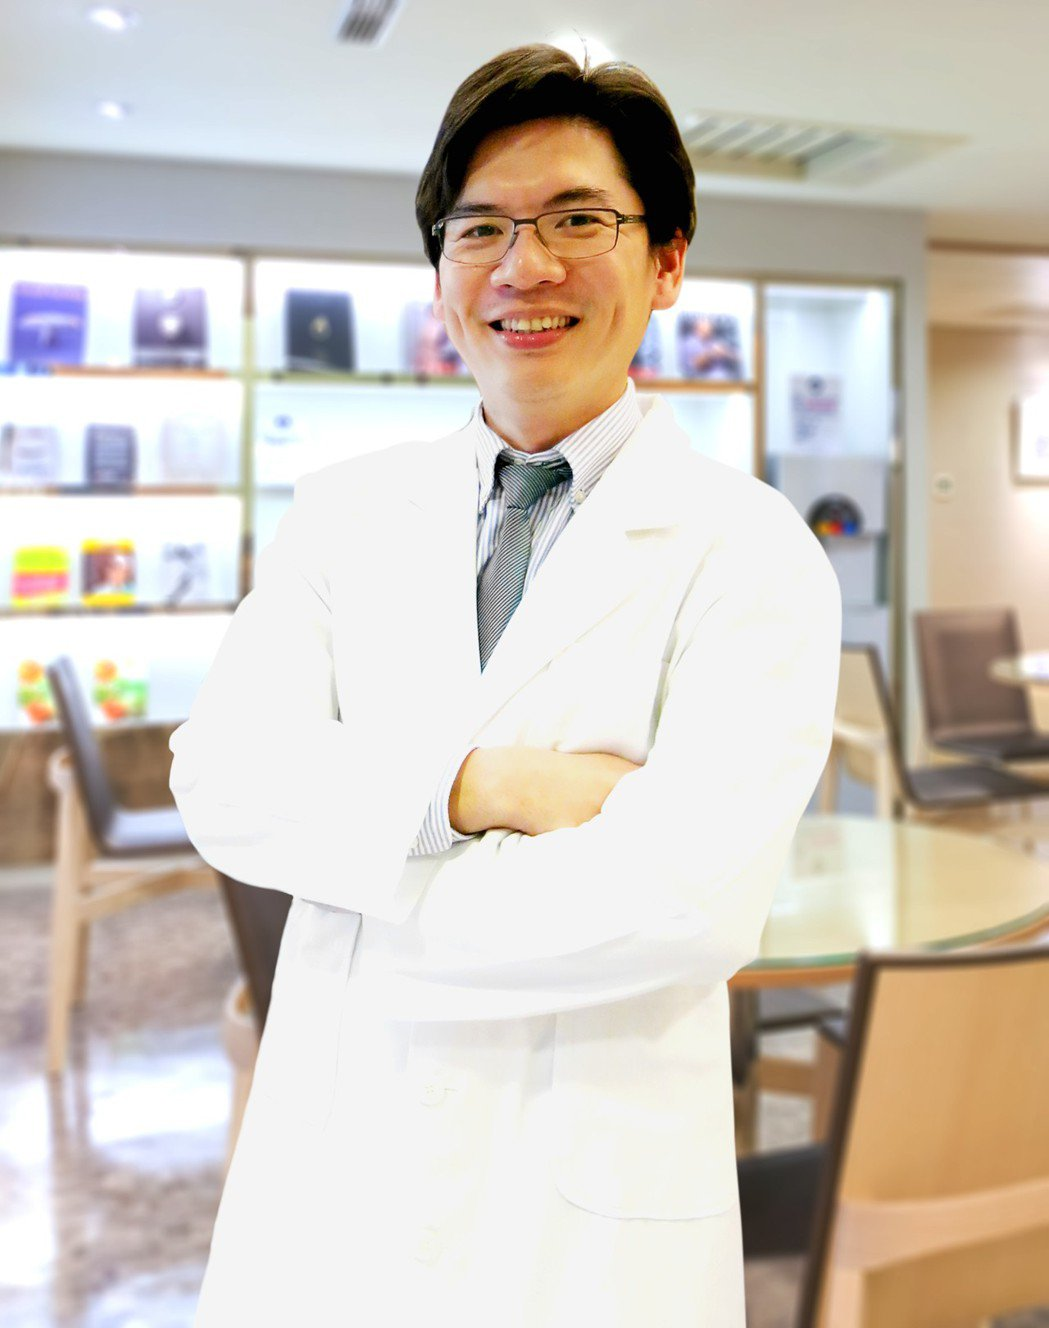 聯安預防醫學機構王峰醫師。聯安/提供